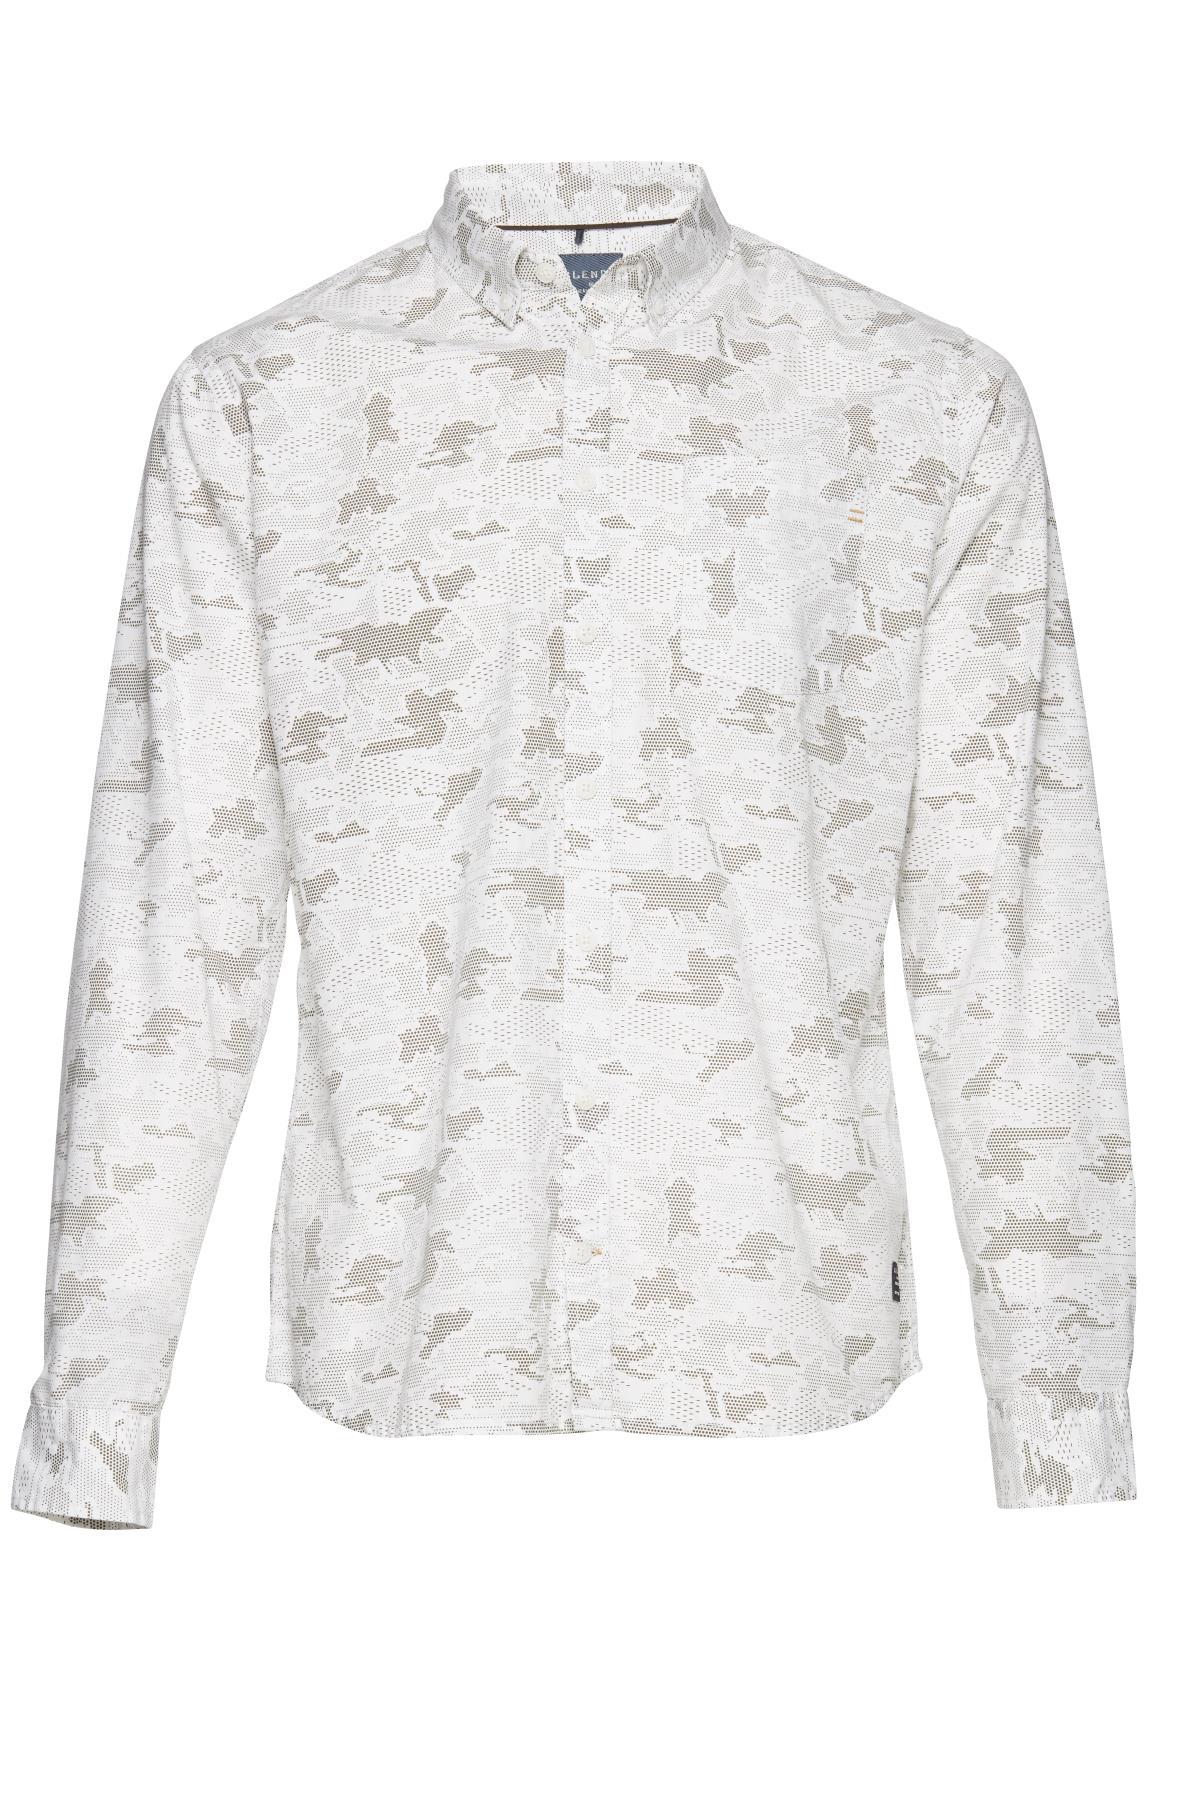 Wollweiss/khaki